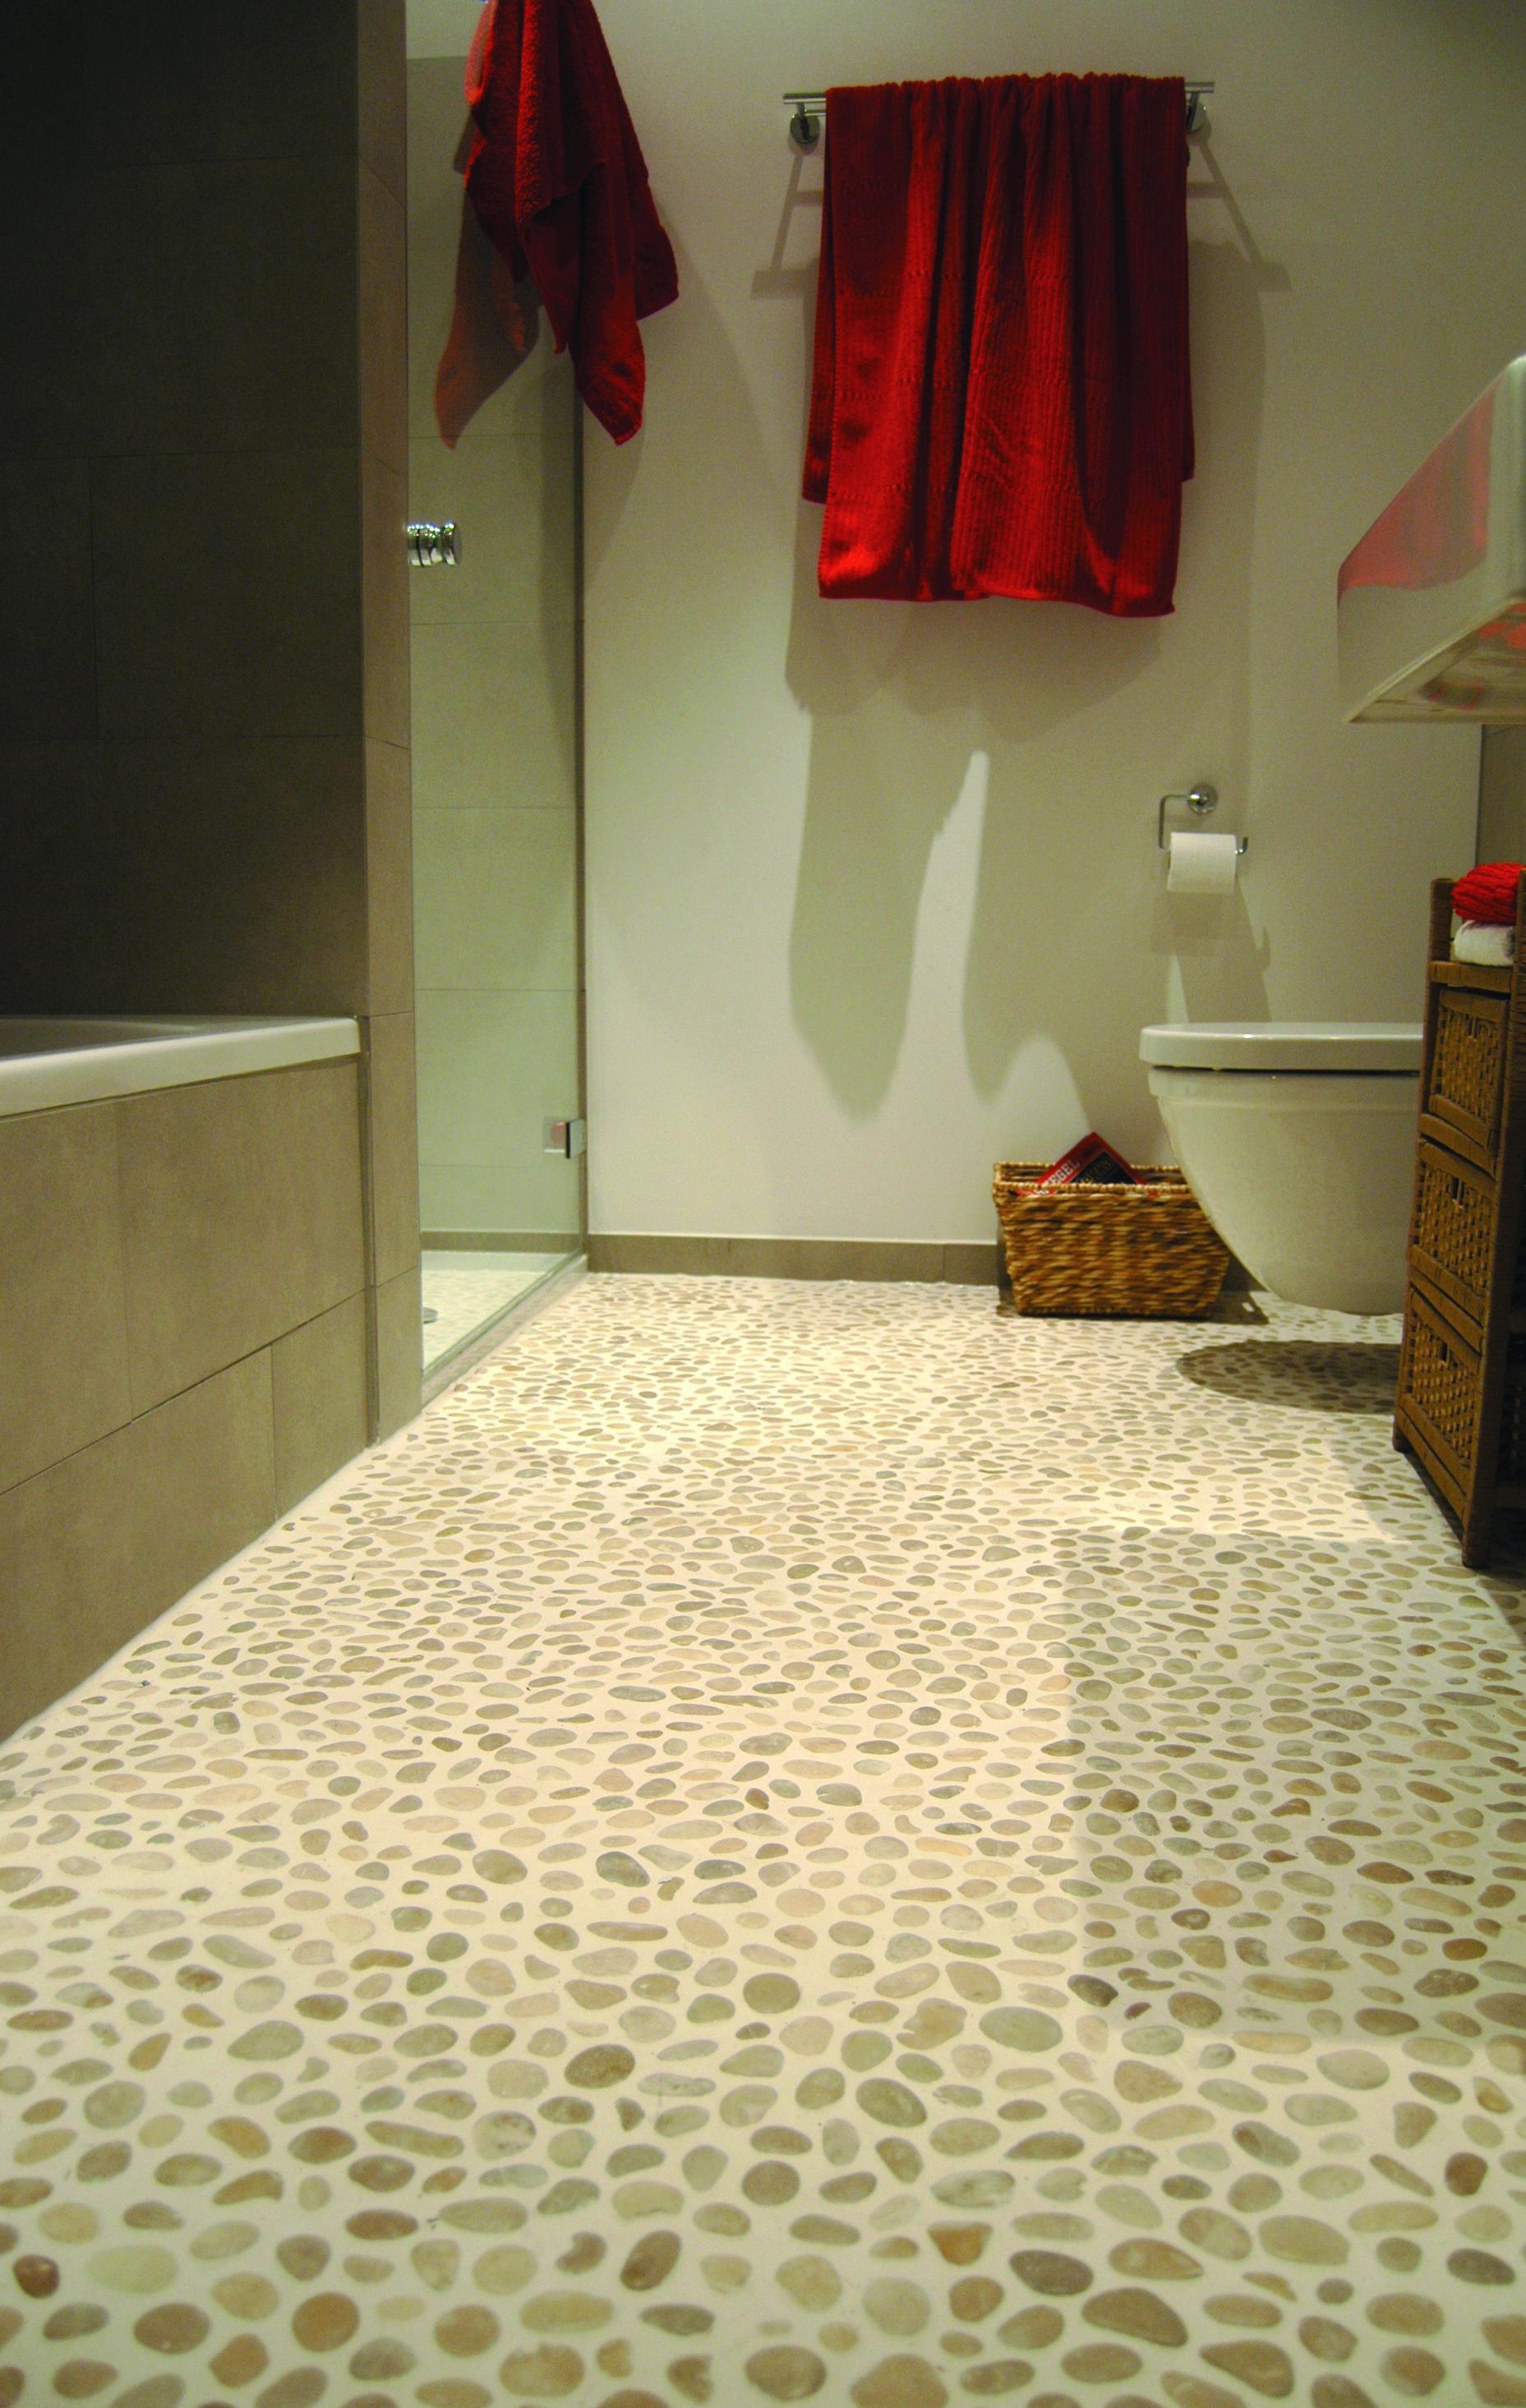 Kieselsteinboden Pure Nature Von Stein Und Ambiente Badezimmerideen Badezimmer Mosaik Badezimmer Inspiration